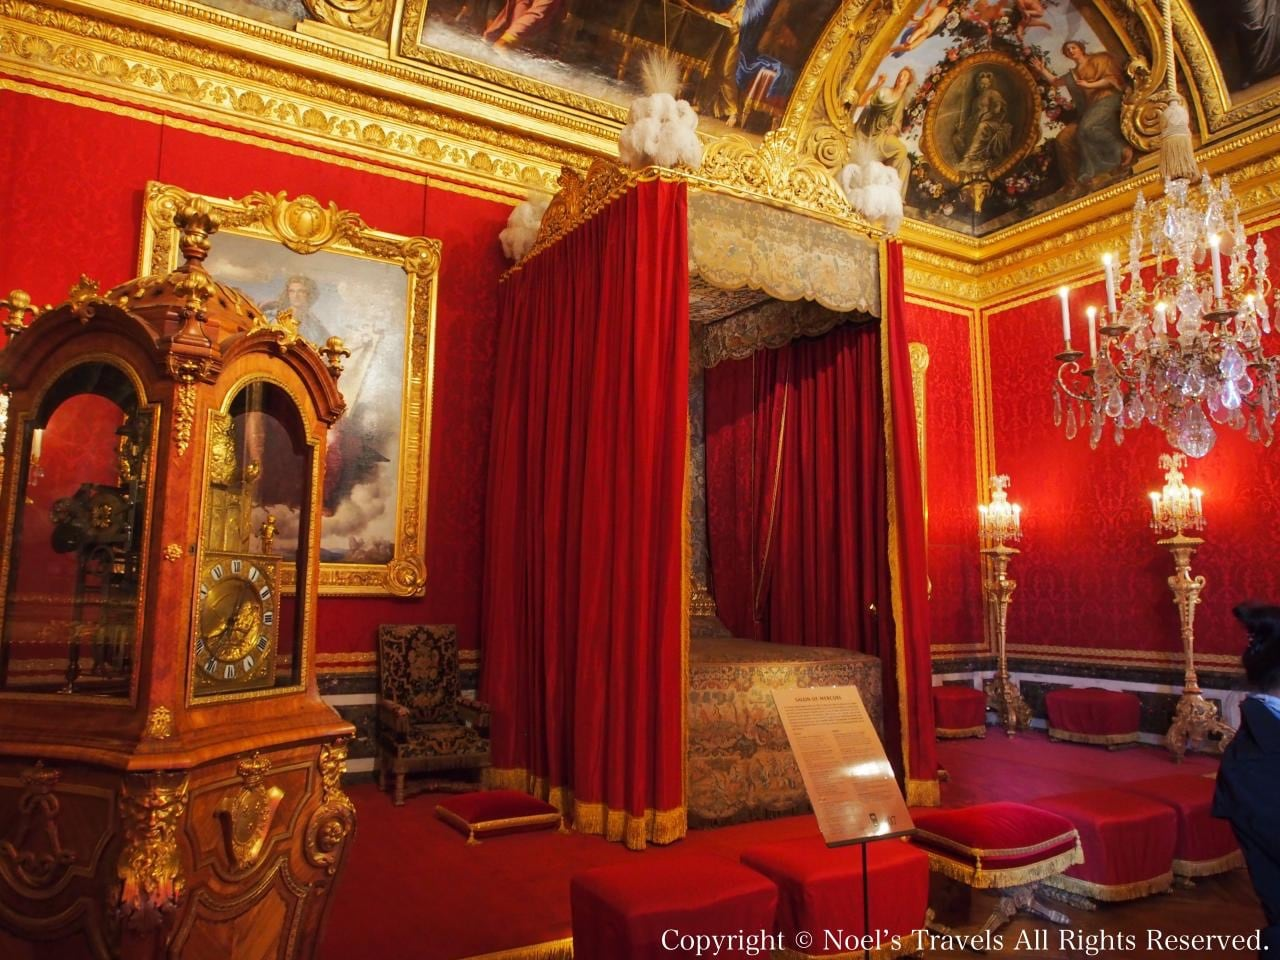 ヴェルサイユ宮殿のメルキュールの間